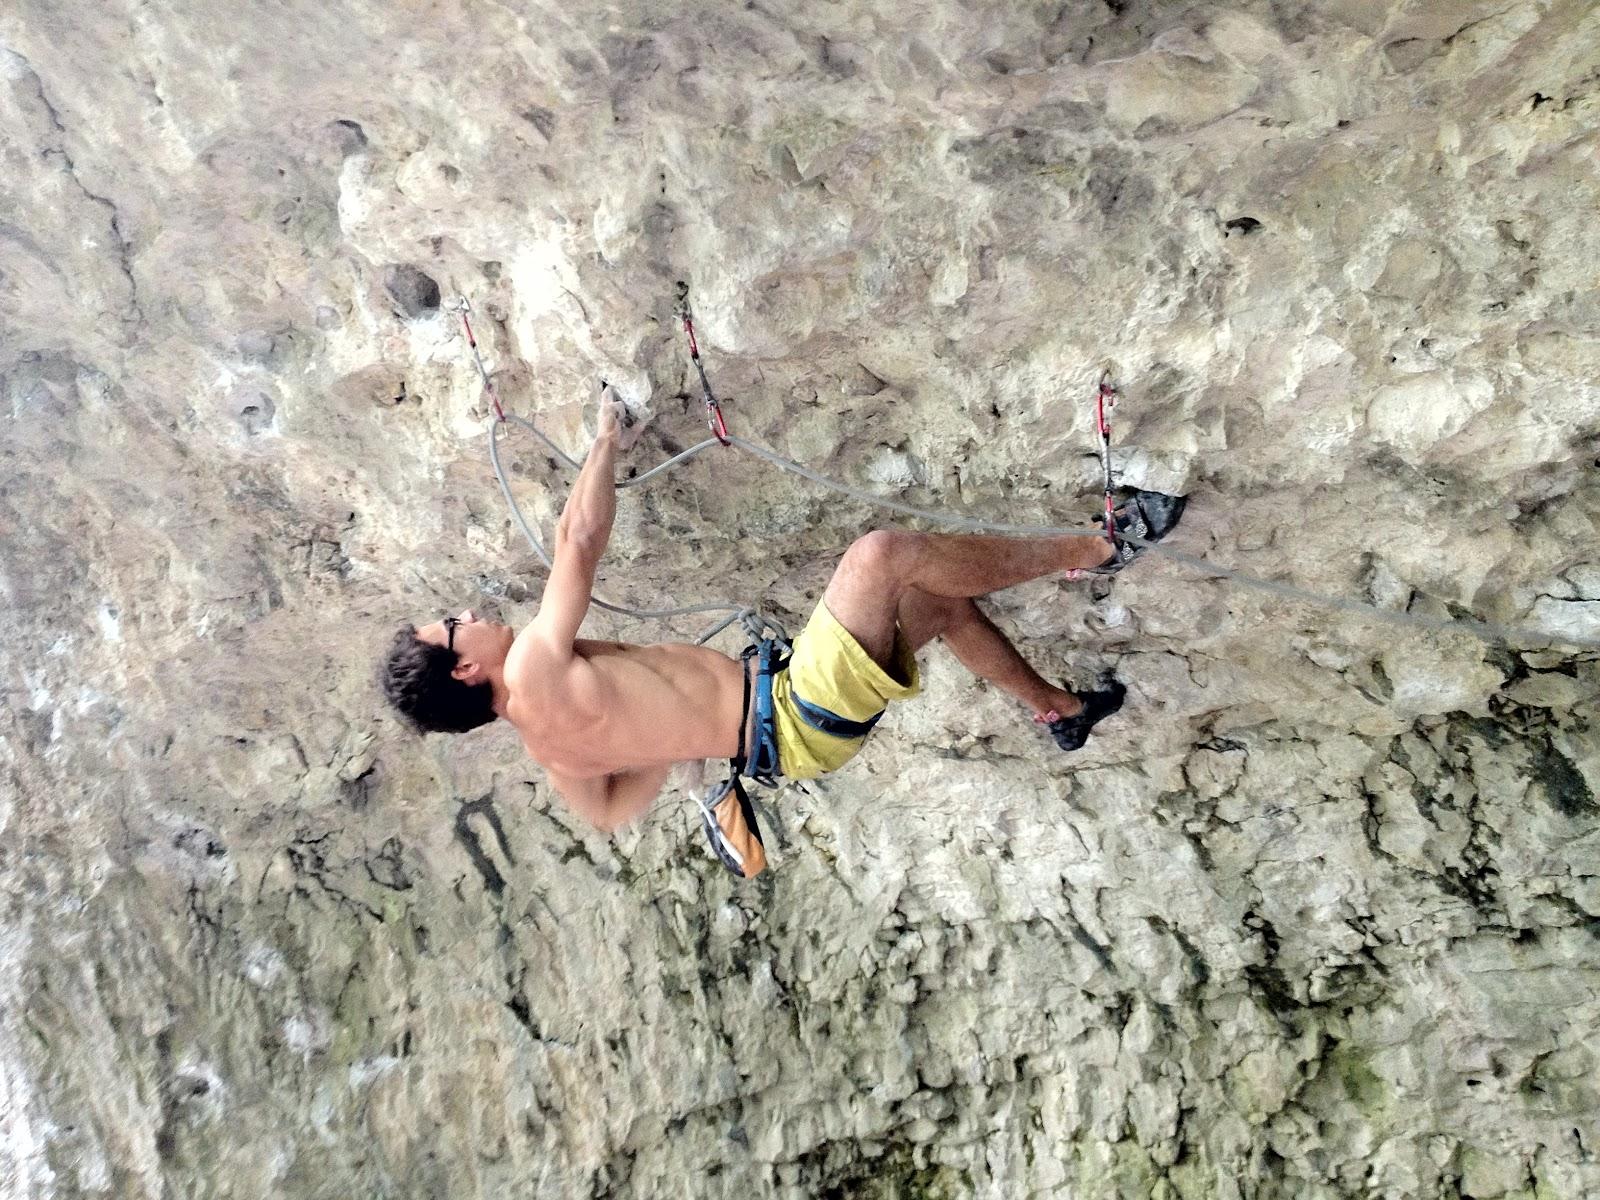 Skylotec Klettergurt Anleitung : Oldschool rocks bouldering climbing routesetting: 2012